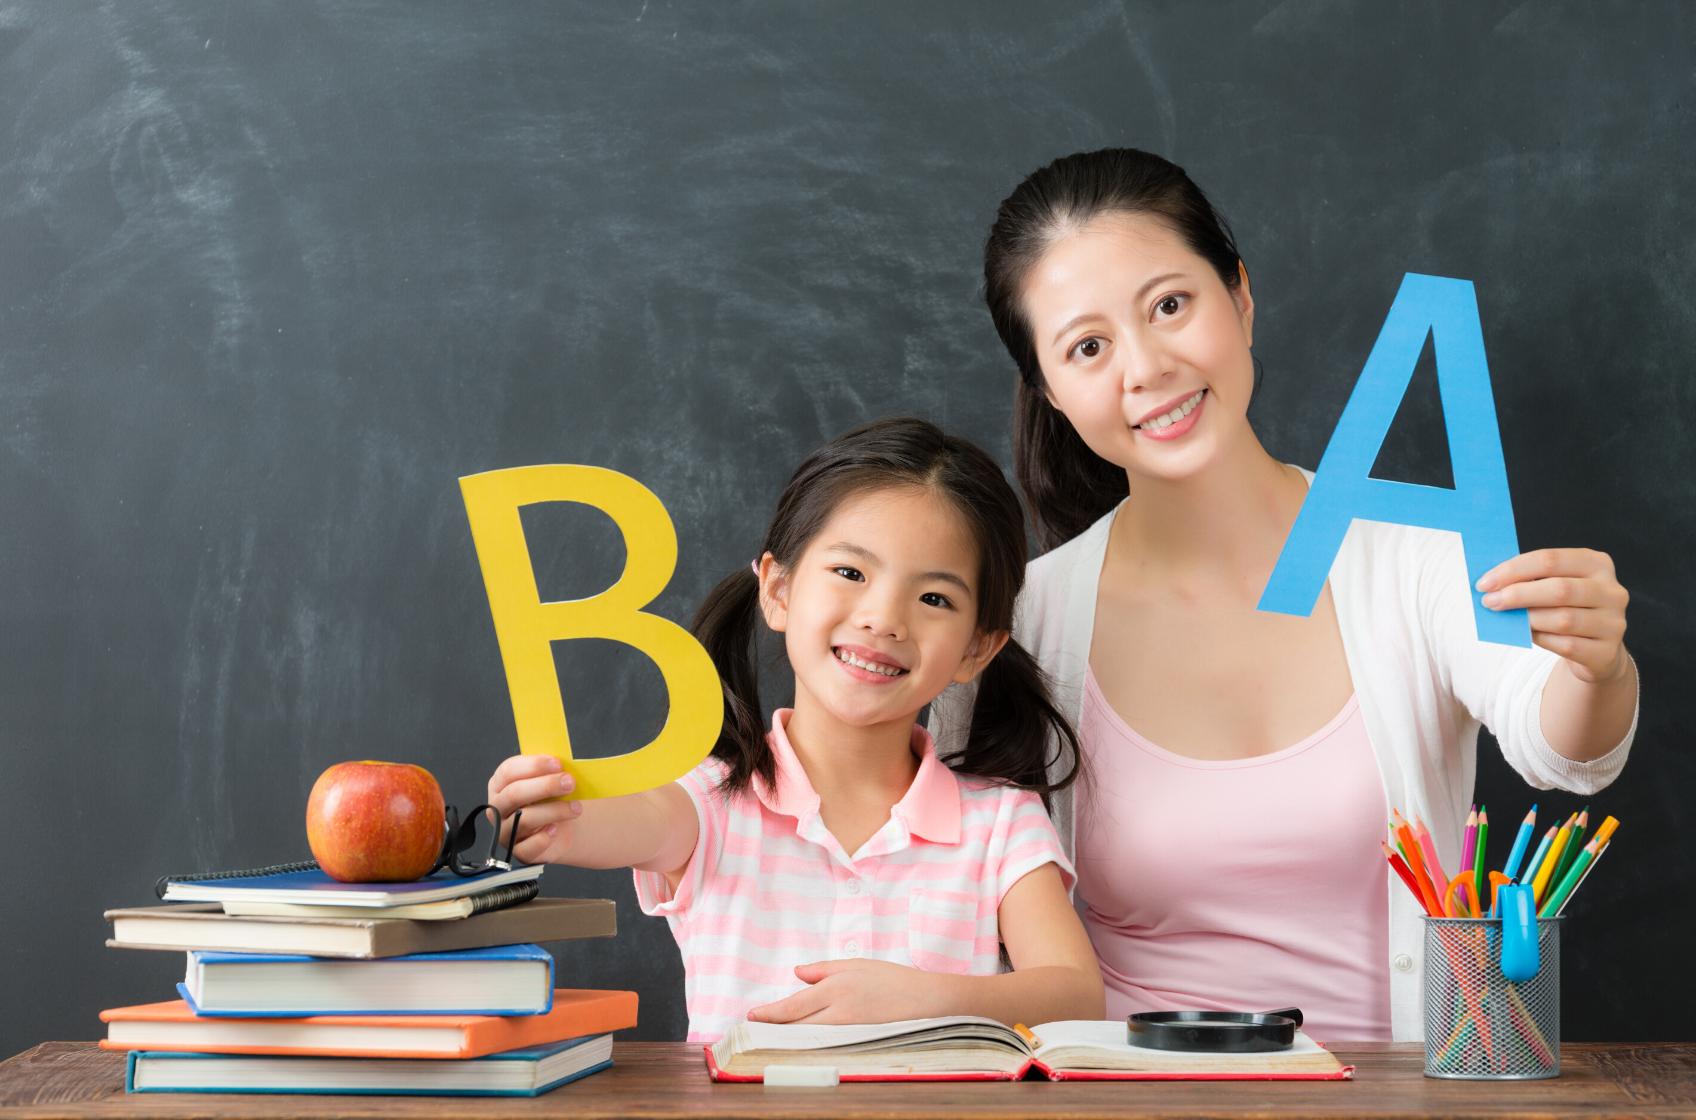 【オンライン英会話】子供にノンネイティブ講師をおすすめする3つの理由